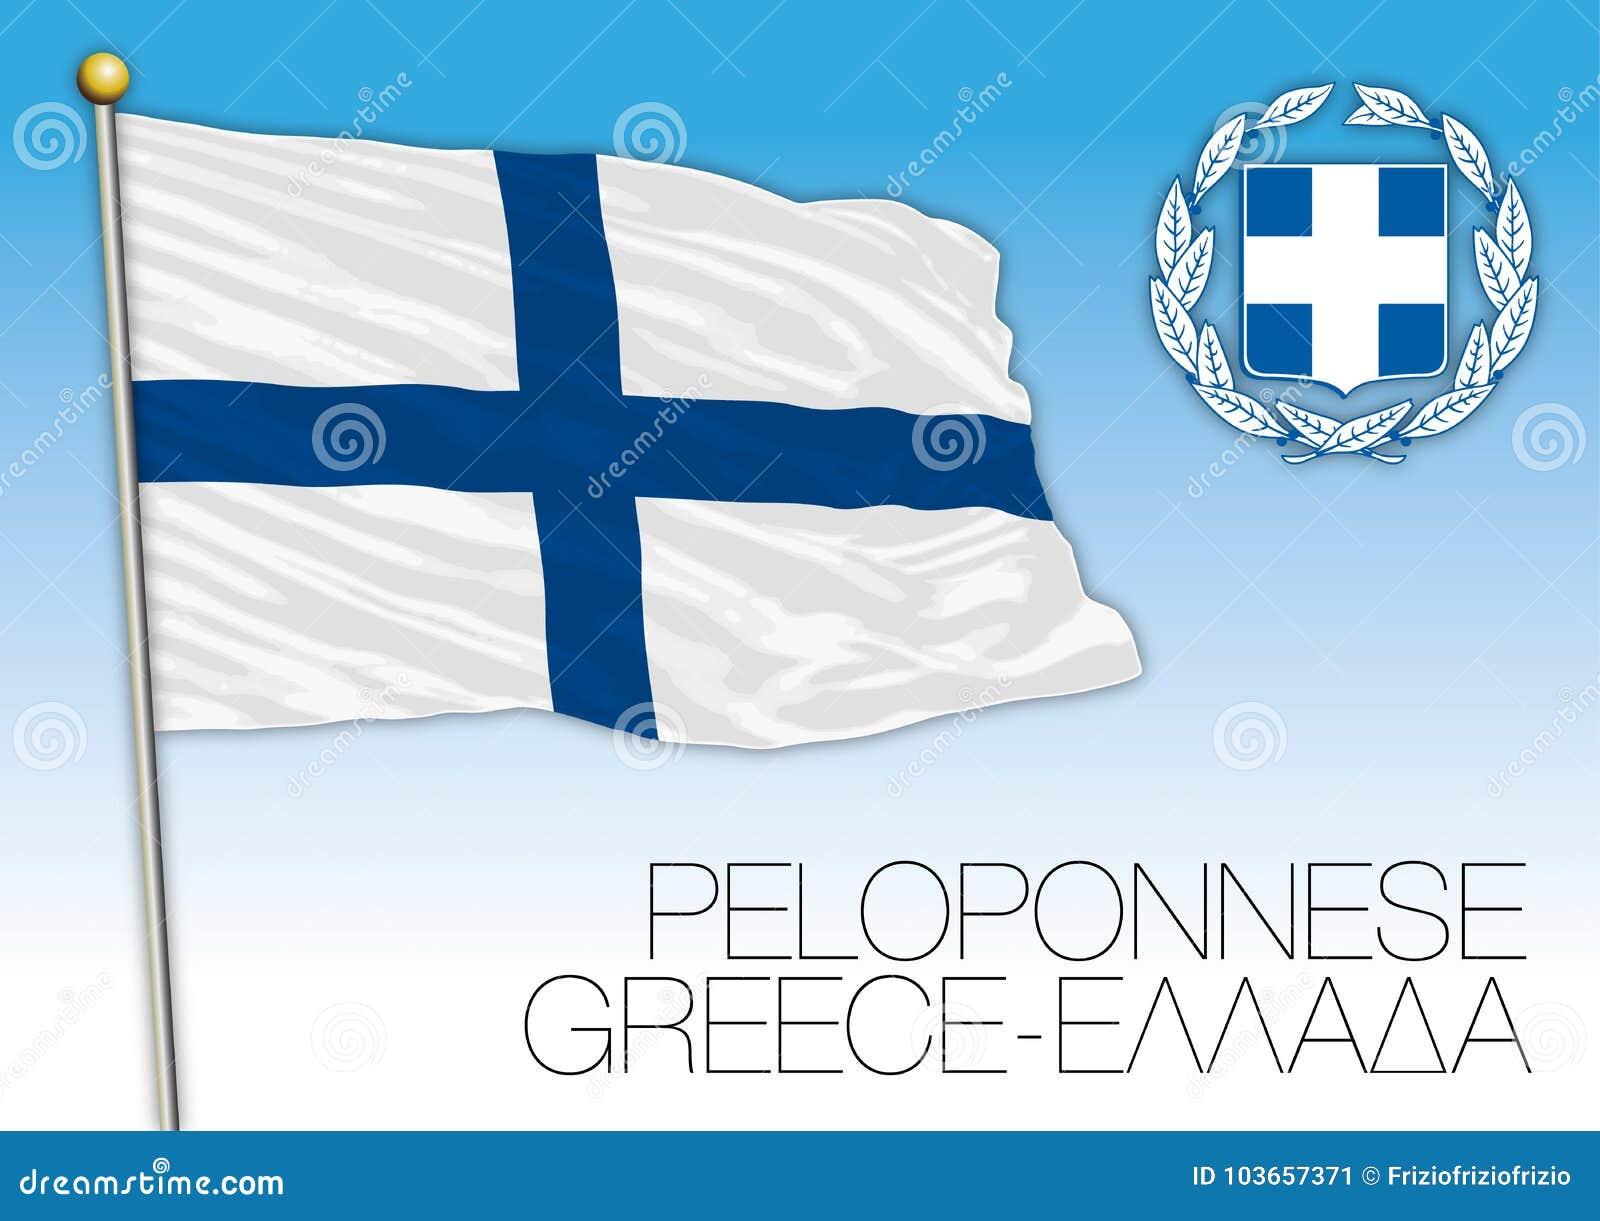 Peloponnes Karte Regionen.Regionale Flagge Peloponnes Griechenland Vektor Abbildung